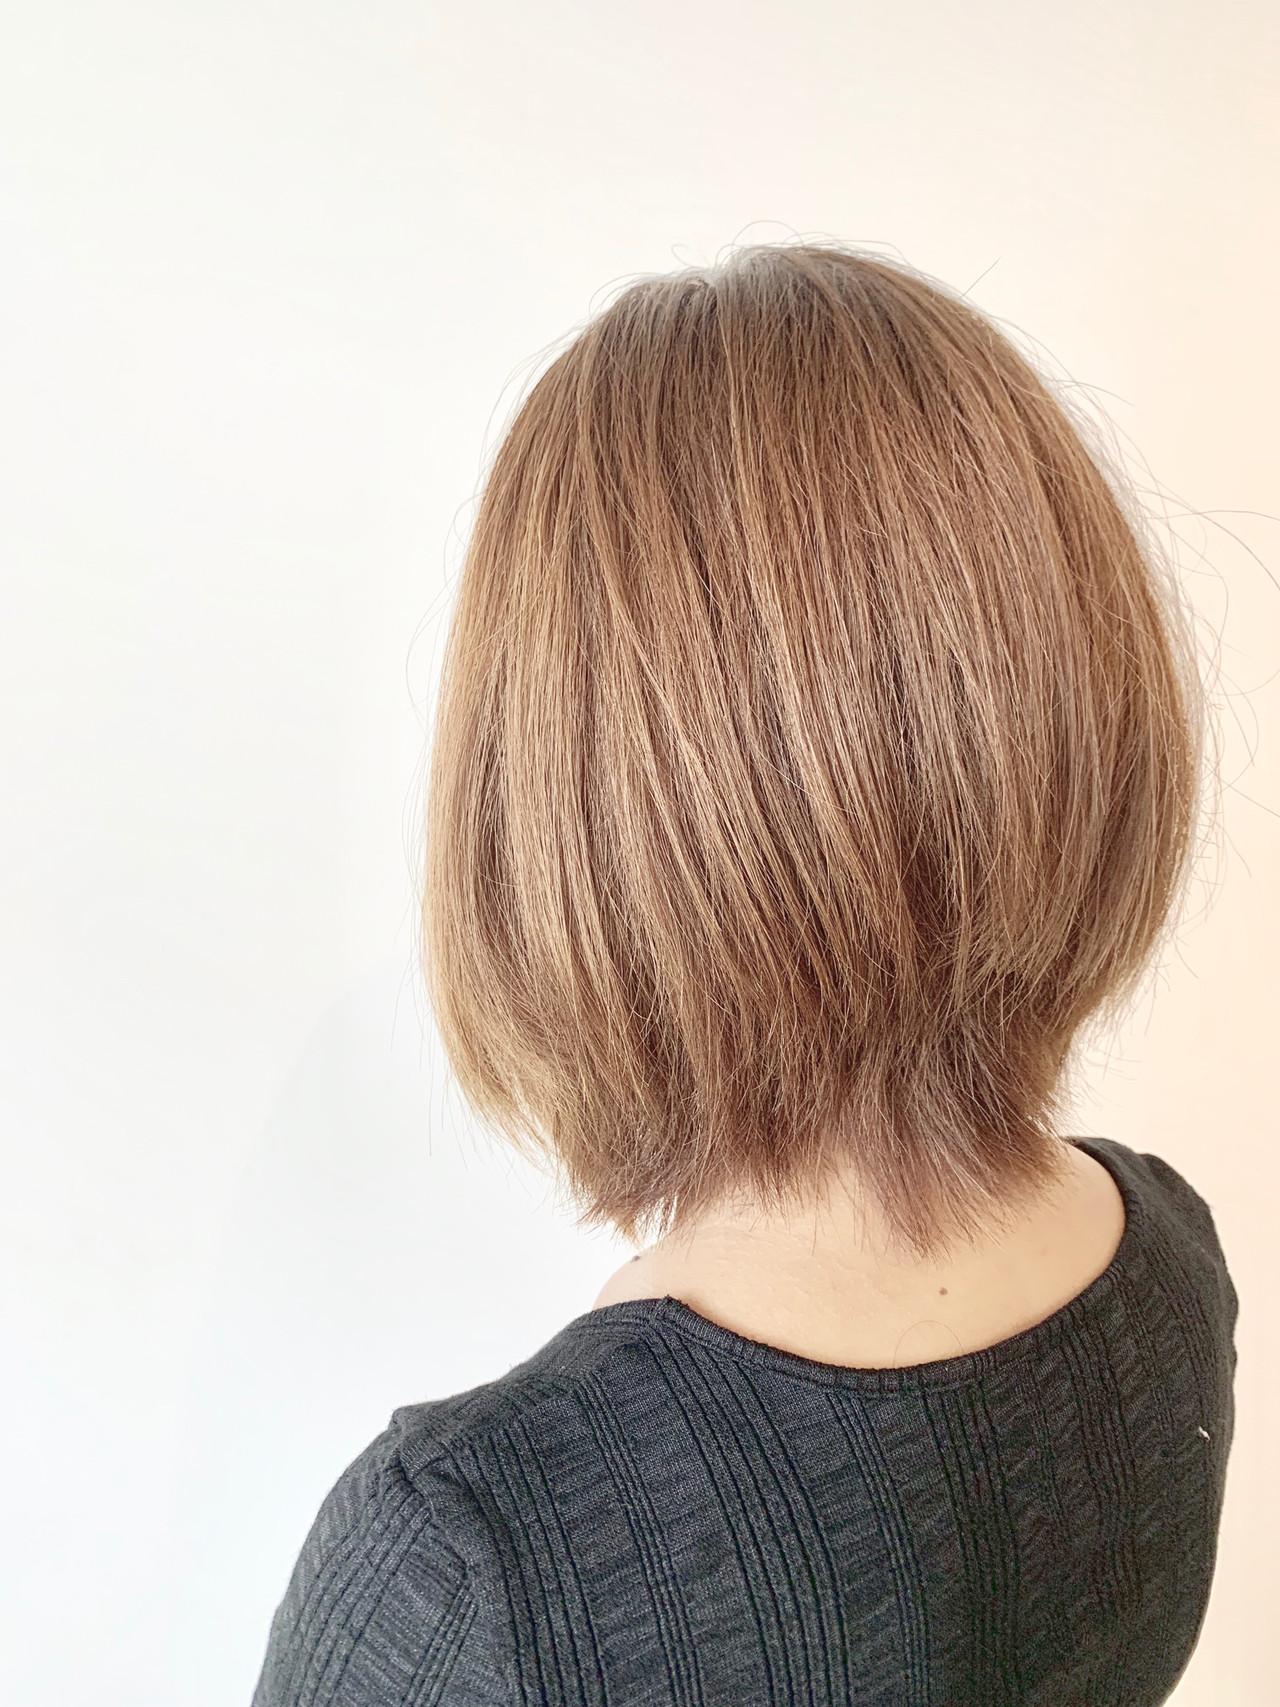 ボブ ショートボブ 簡単スタイリング 大人可愛い ヘアスタイルや髪型の写真・画像   村上 駿 / FRAMES hair design